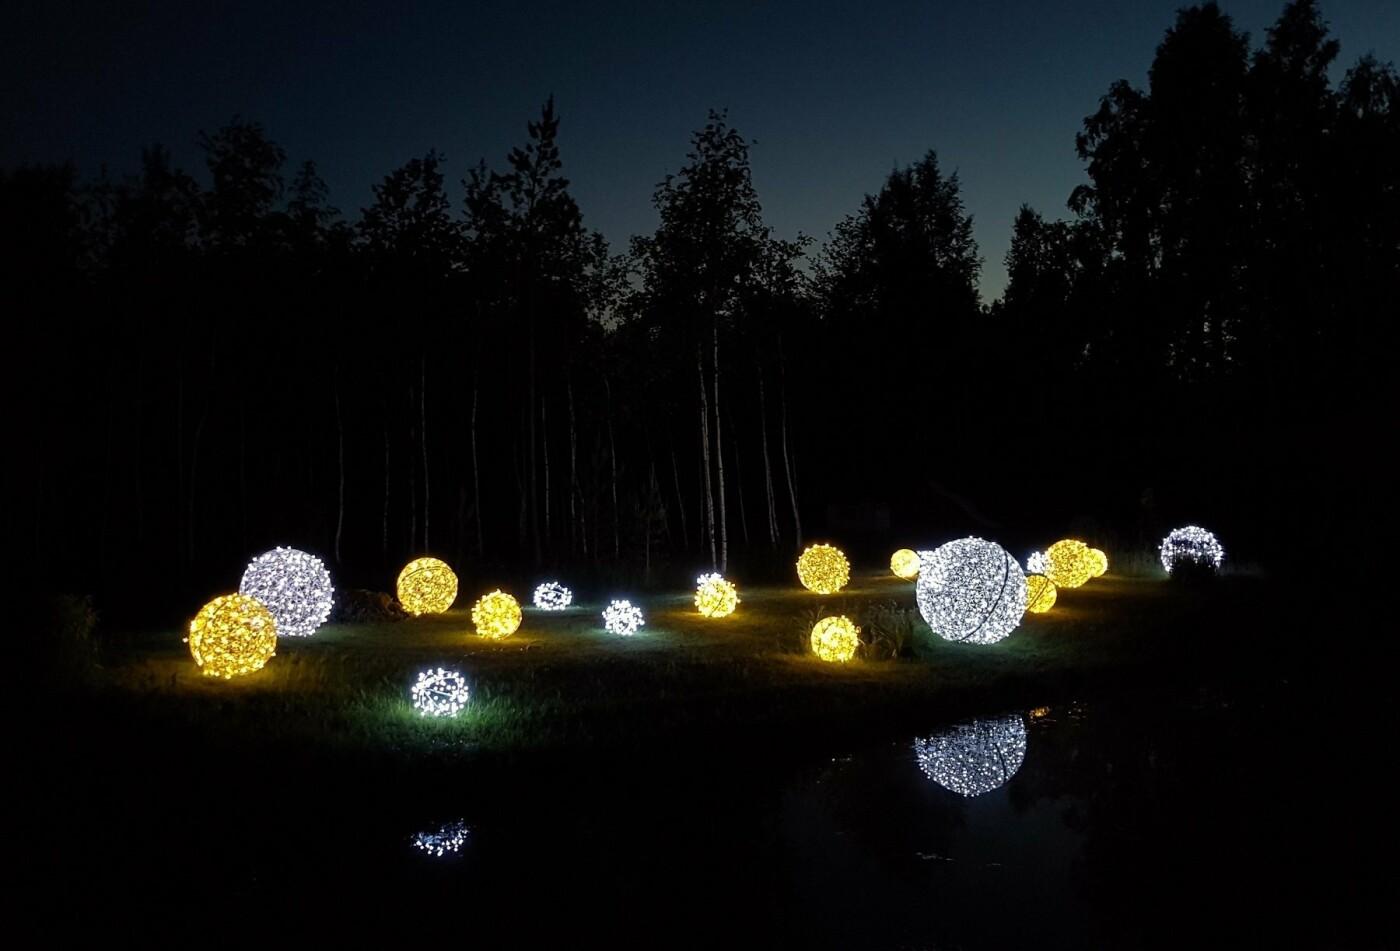 Jau po savaitės: žiemos šventės į Palangą atsiris dar niekur neregėta šviesų banga, nuotrauka-1